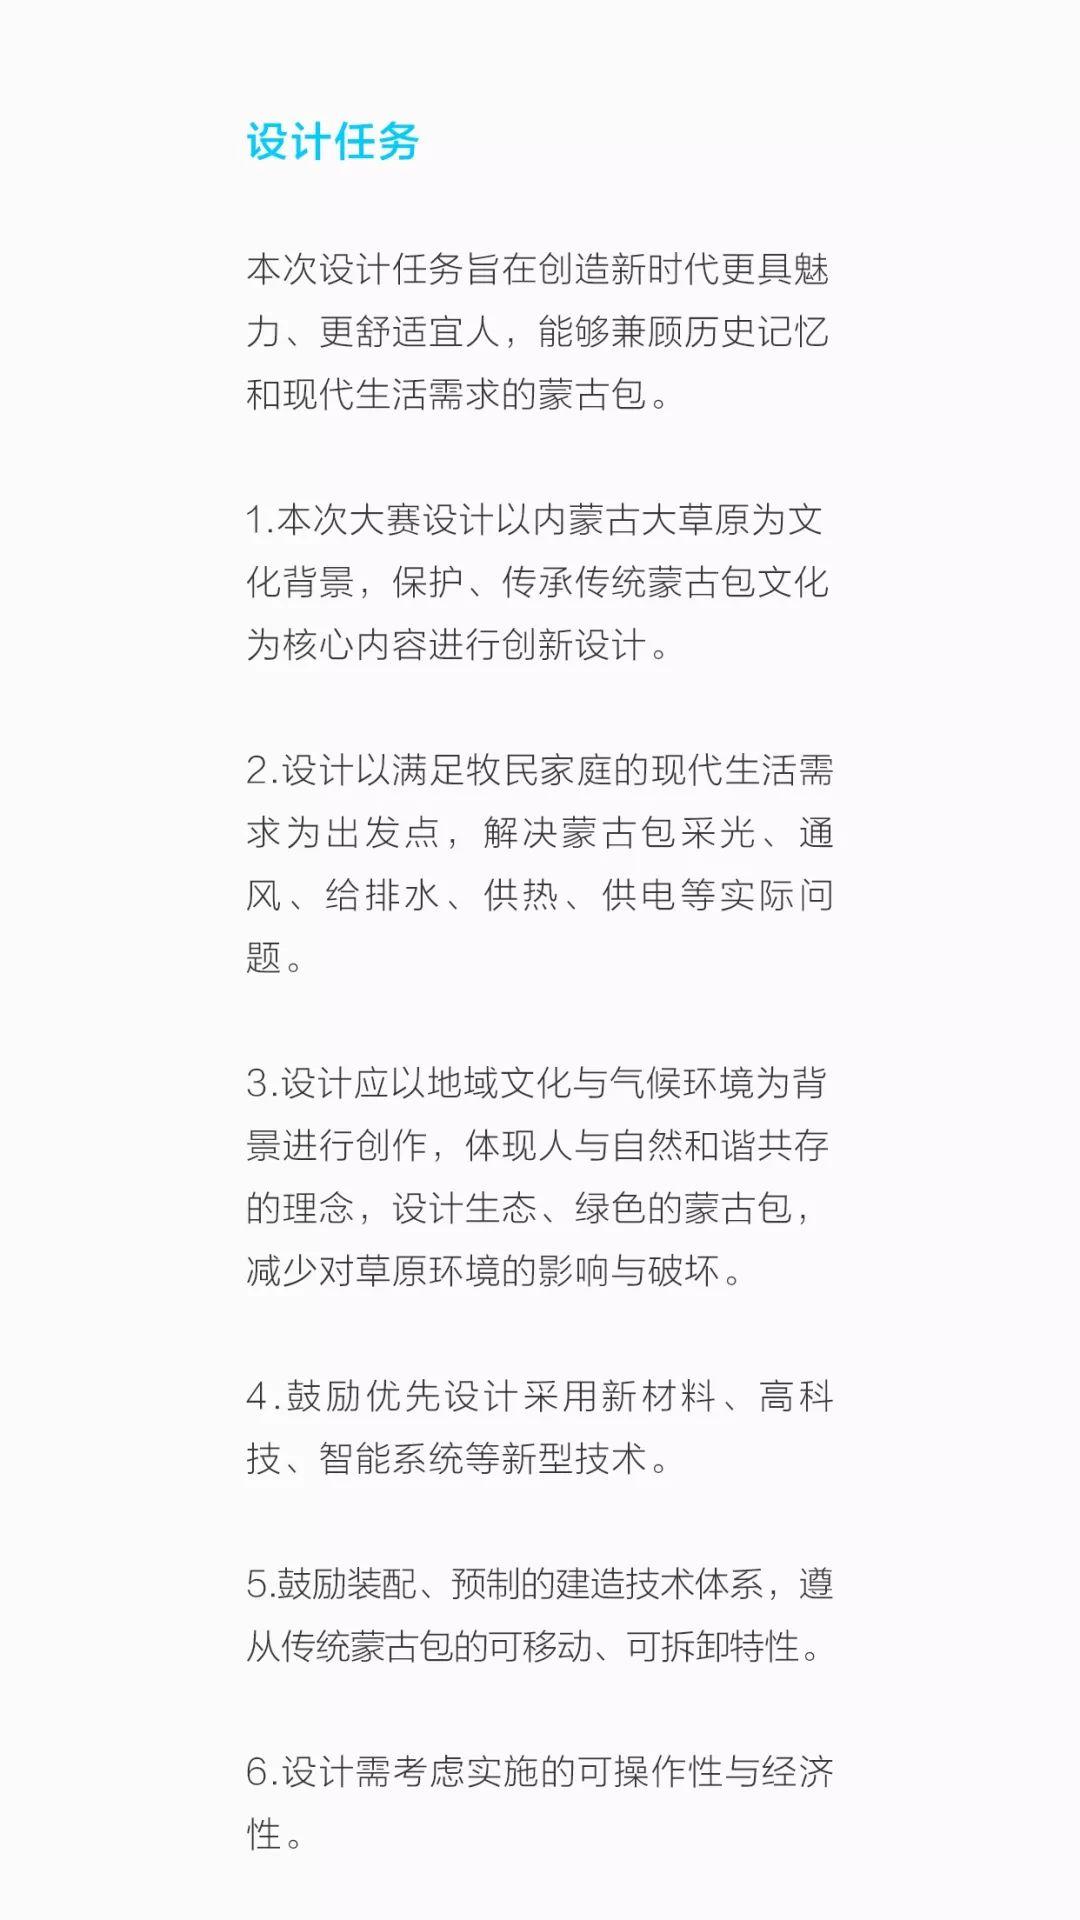 内蒙古蒙古包设计大赛征集 第6张